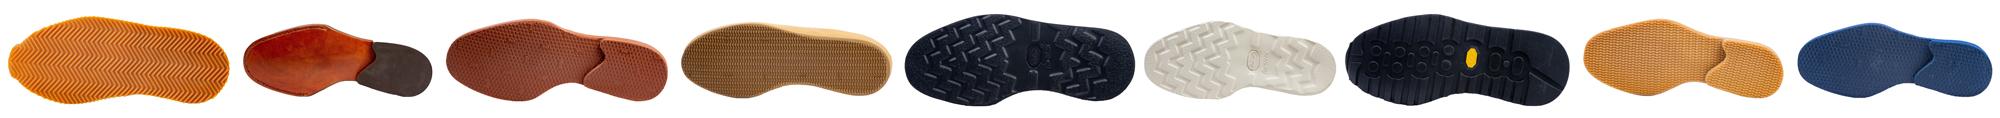 Slackshoemakers soles